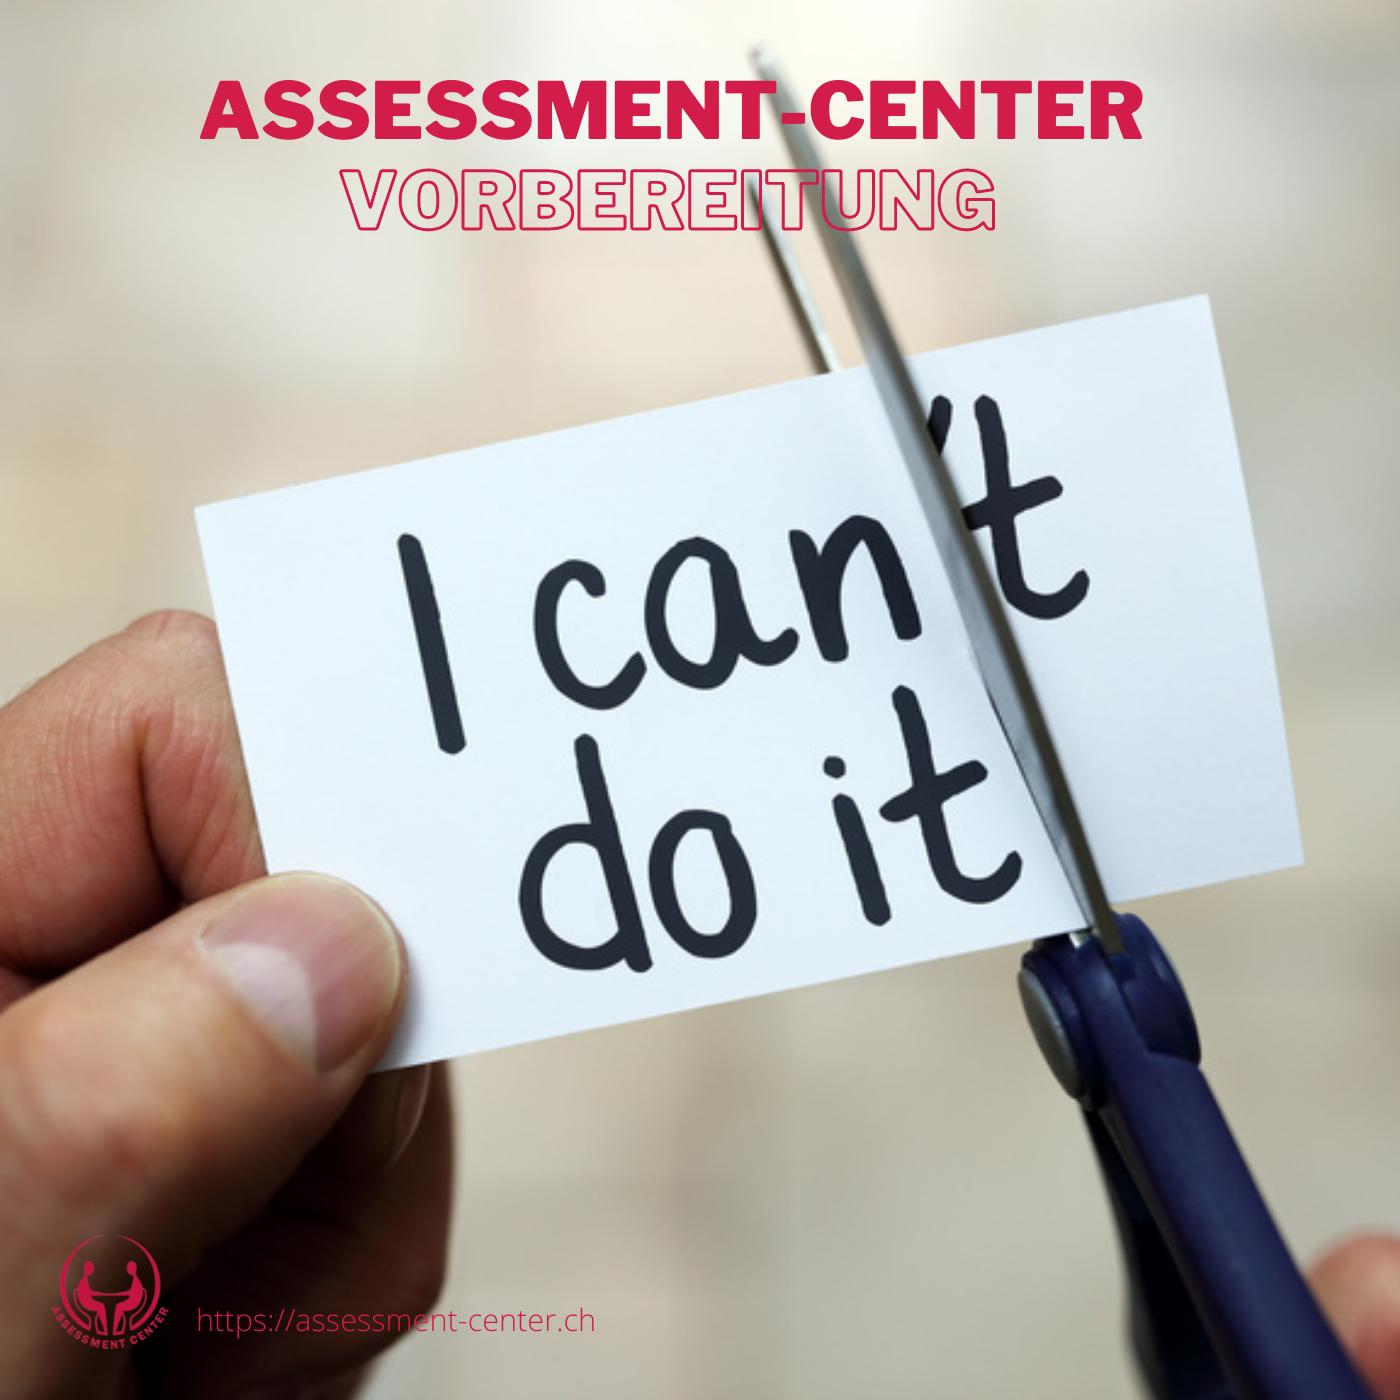 Assessment-Center Vorbereitung